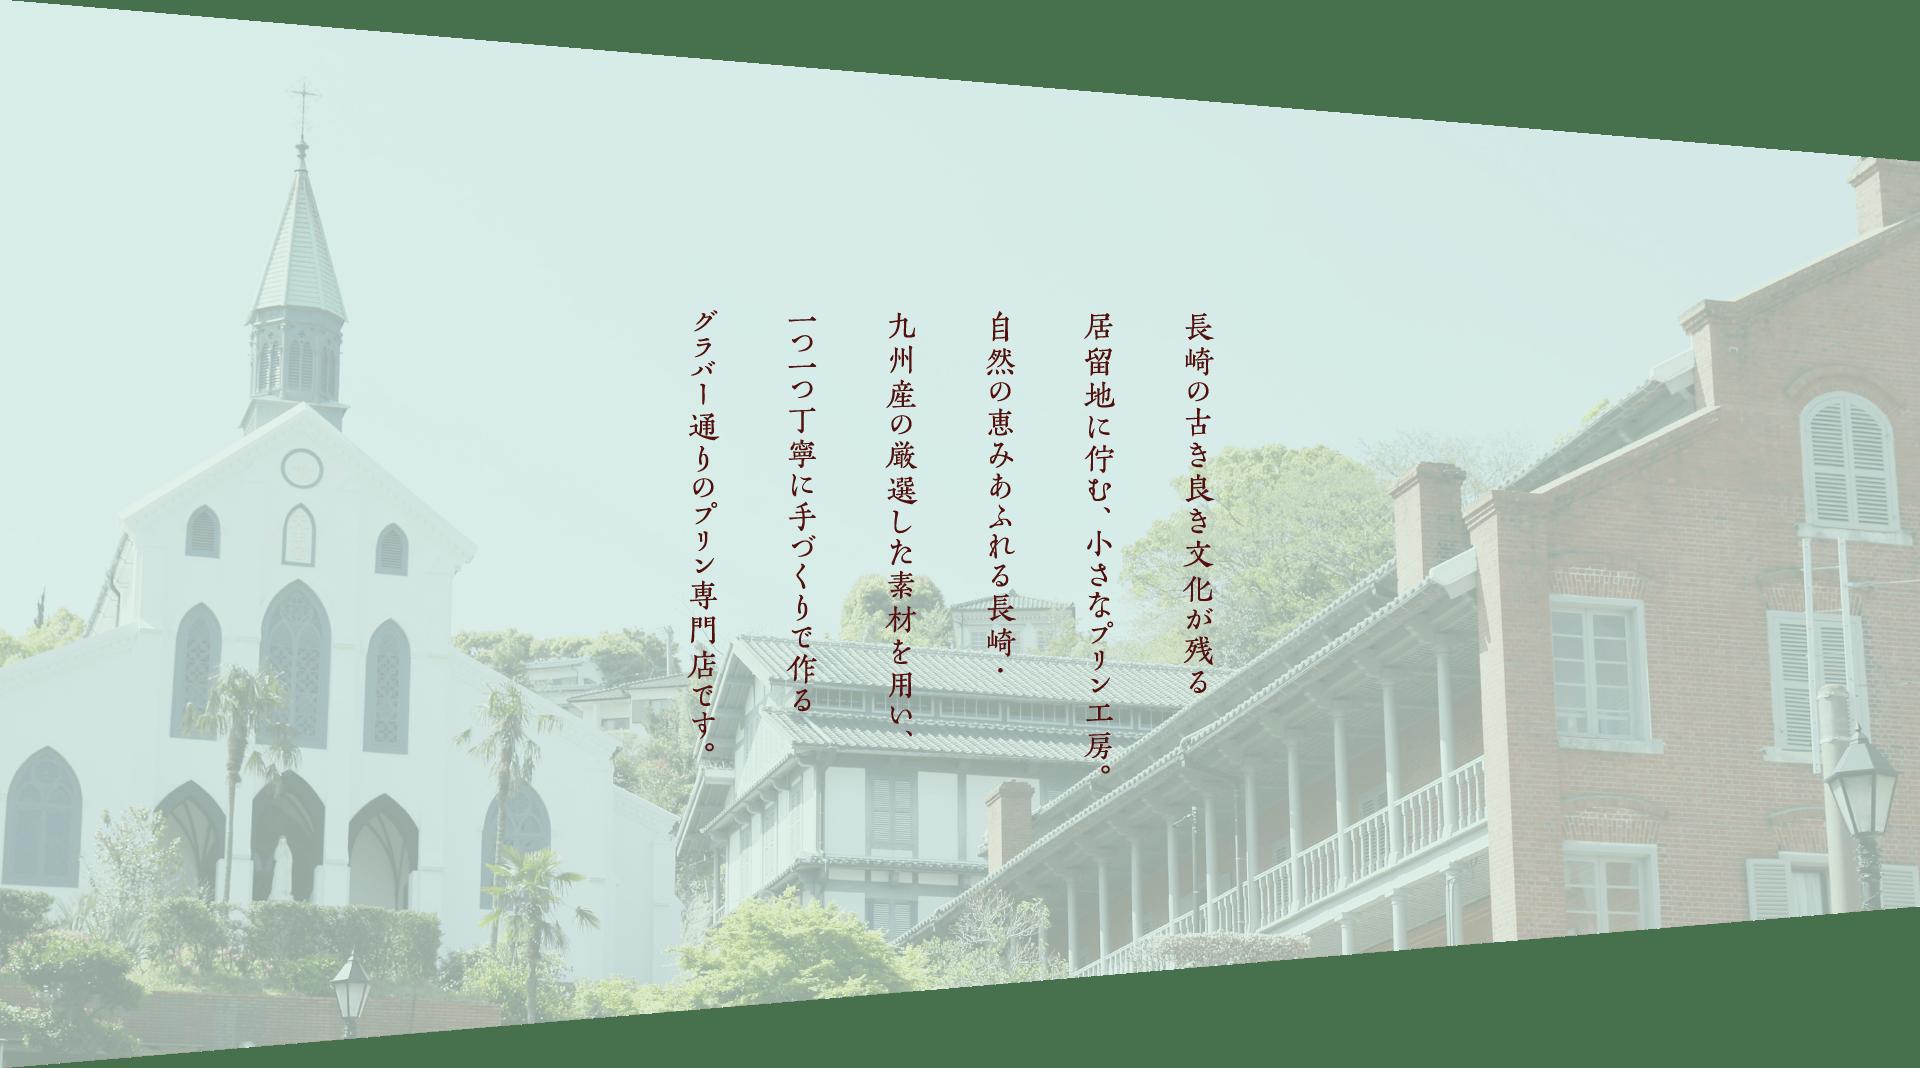 長崎の古き良き文化が残る居留地に佇む、小さなプリン工房。自然の恵みあふれる長崎・九州産の厳選した素材を用い、一つ一つ丁寧に手づくりで作るプリン専門店です。